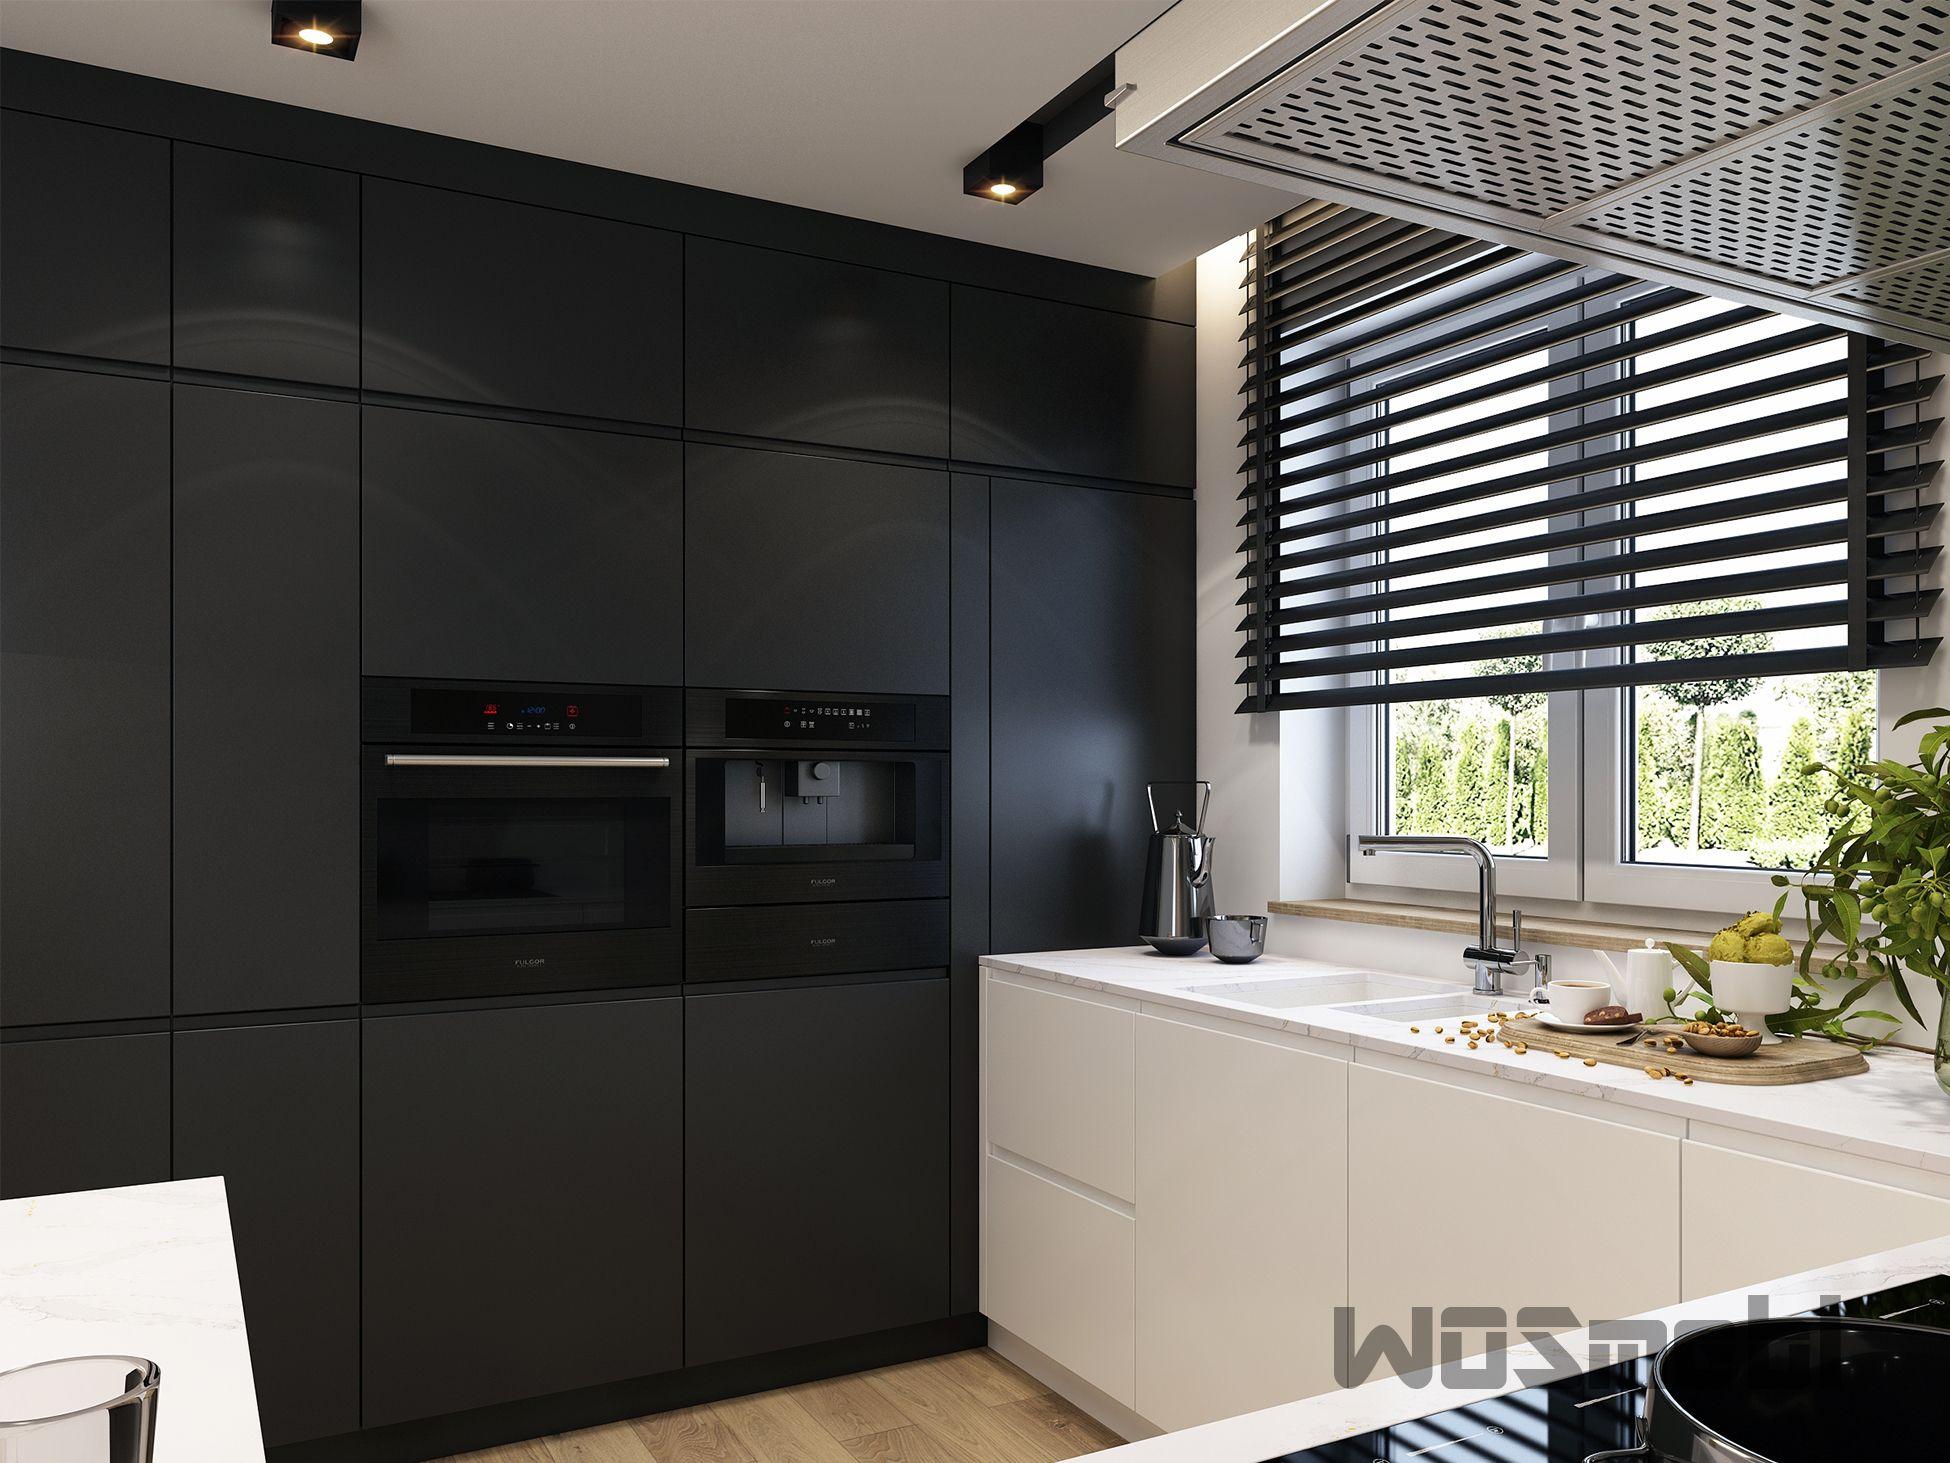 Realizacje Meble Kuchenne Na Wymiar Rzeszow Wosmebl Kitchen Room Design Kitchen Design Kitchen Inspirations